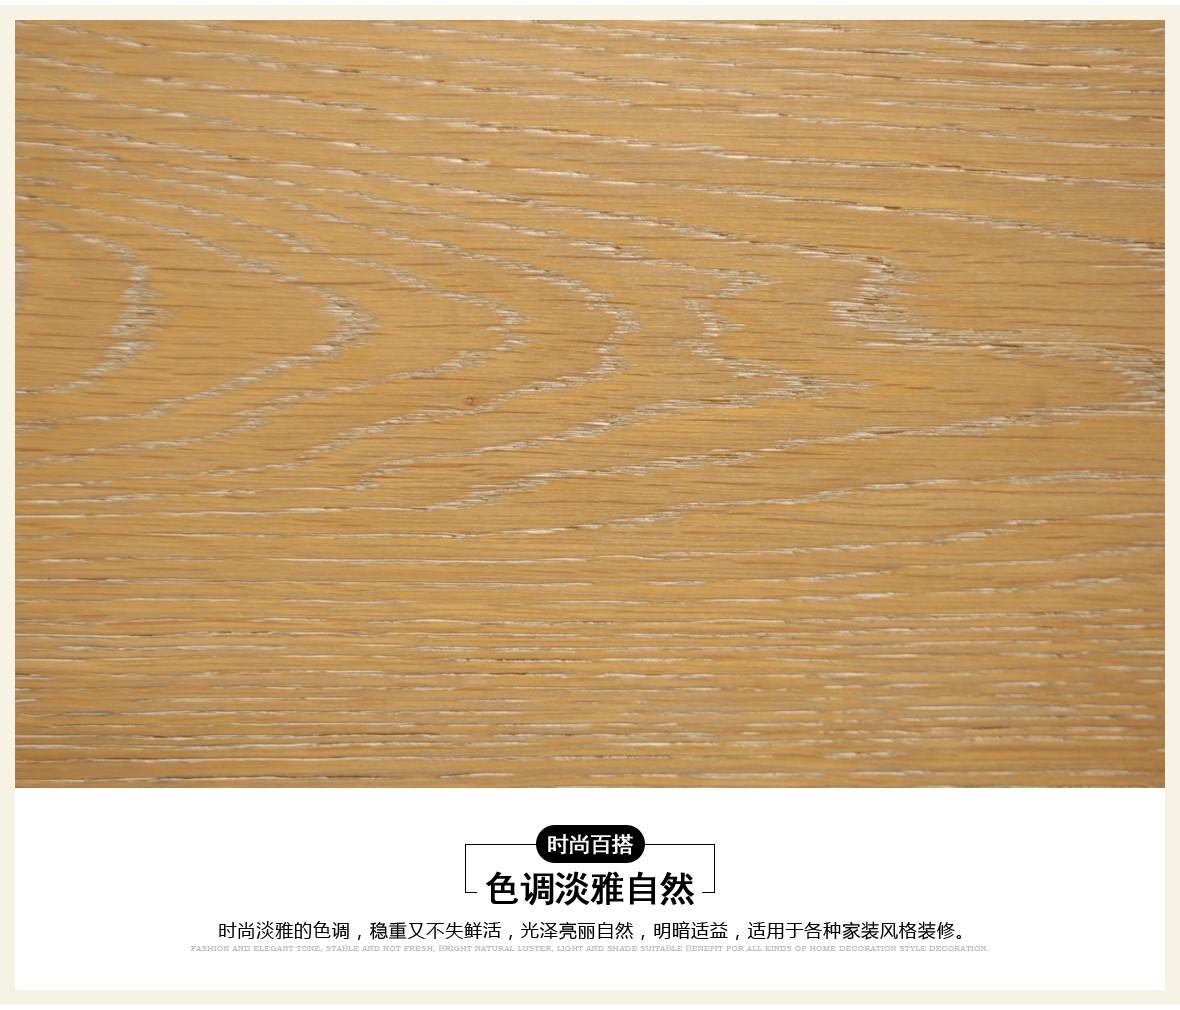 得高地板 单拼鸡翅木三层实木复合地板 适合地暖 加厚耐磨